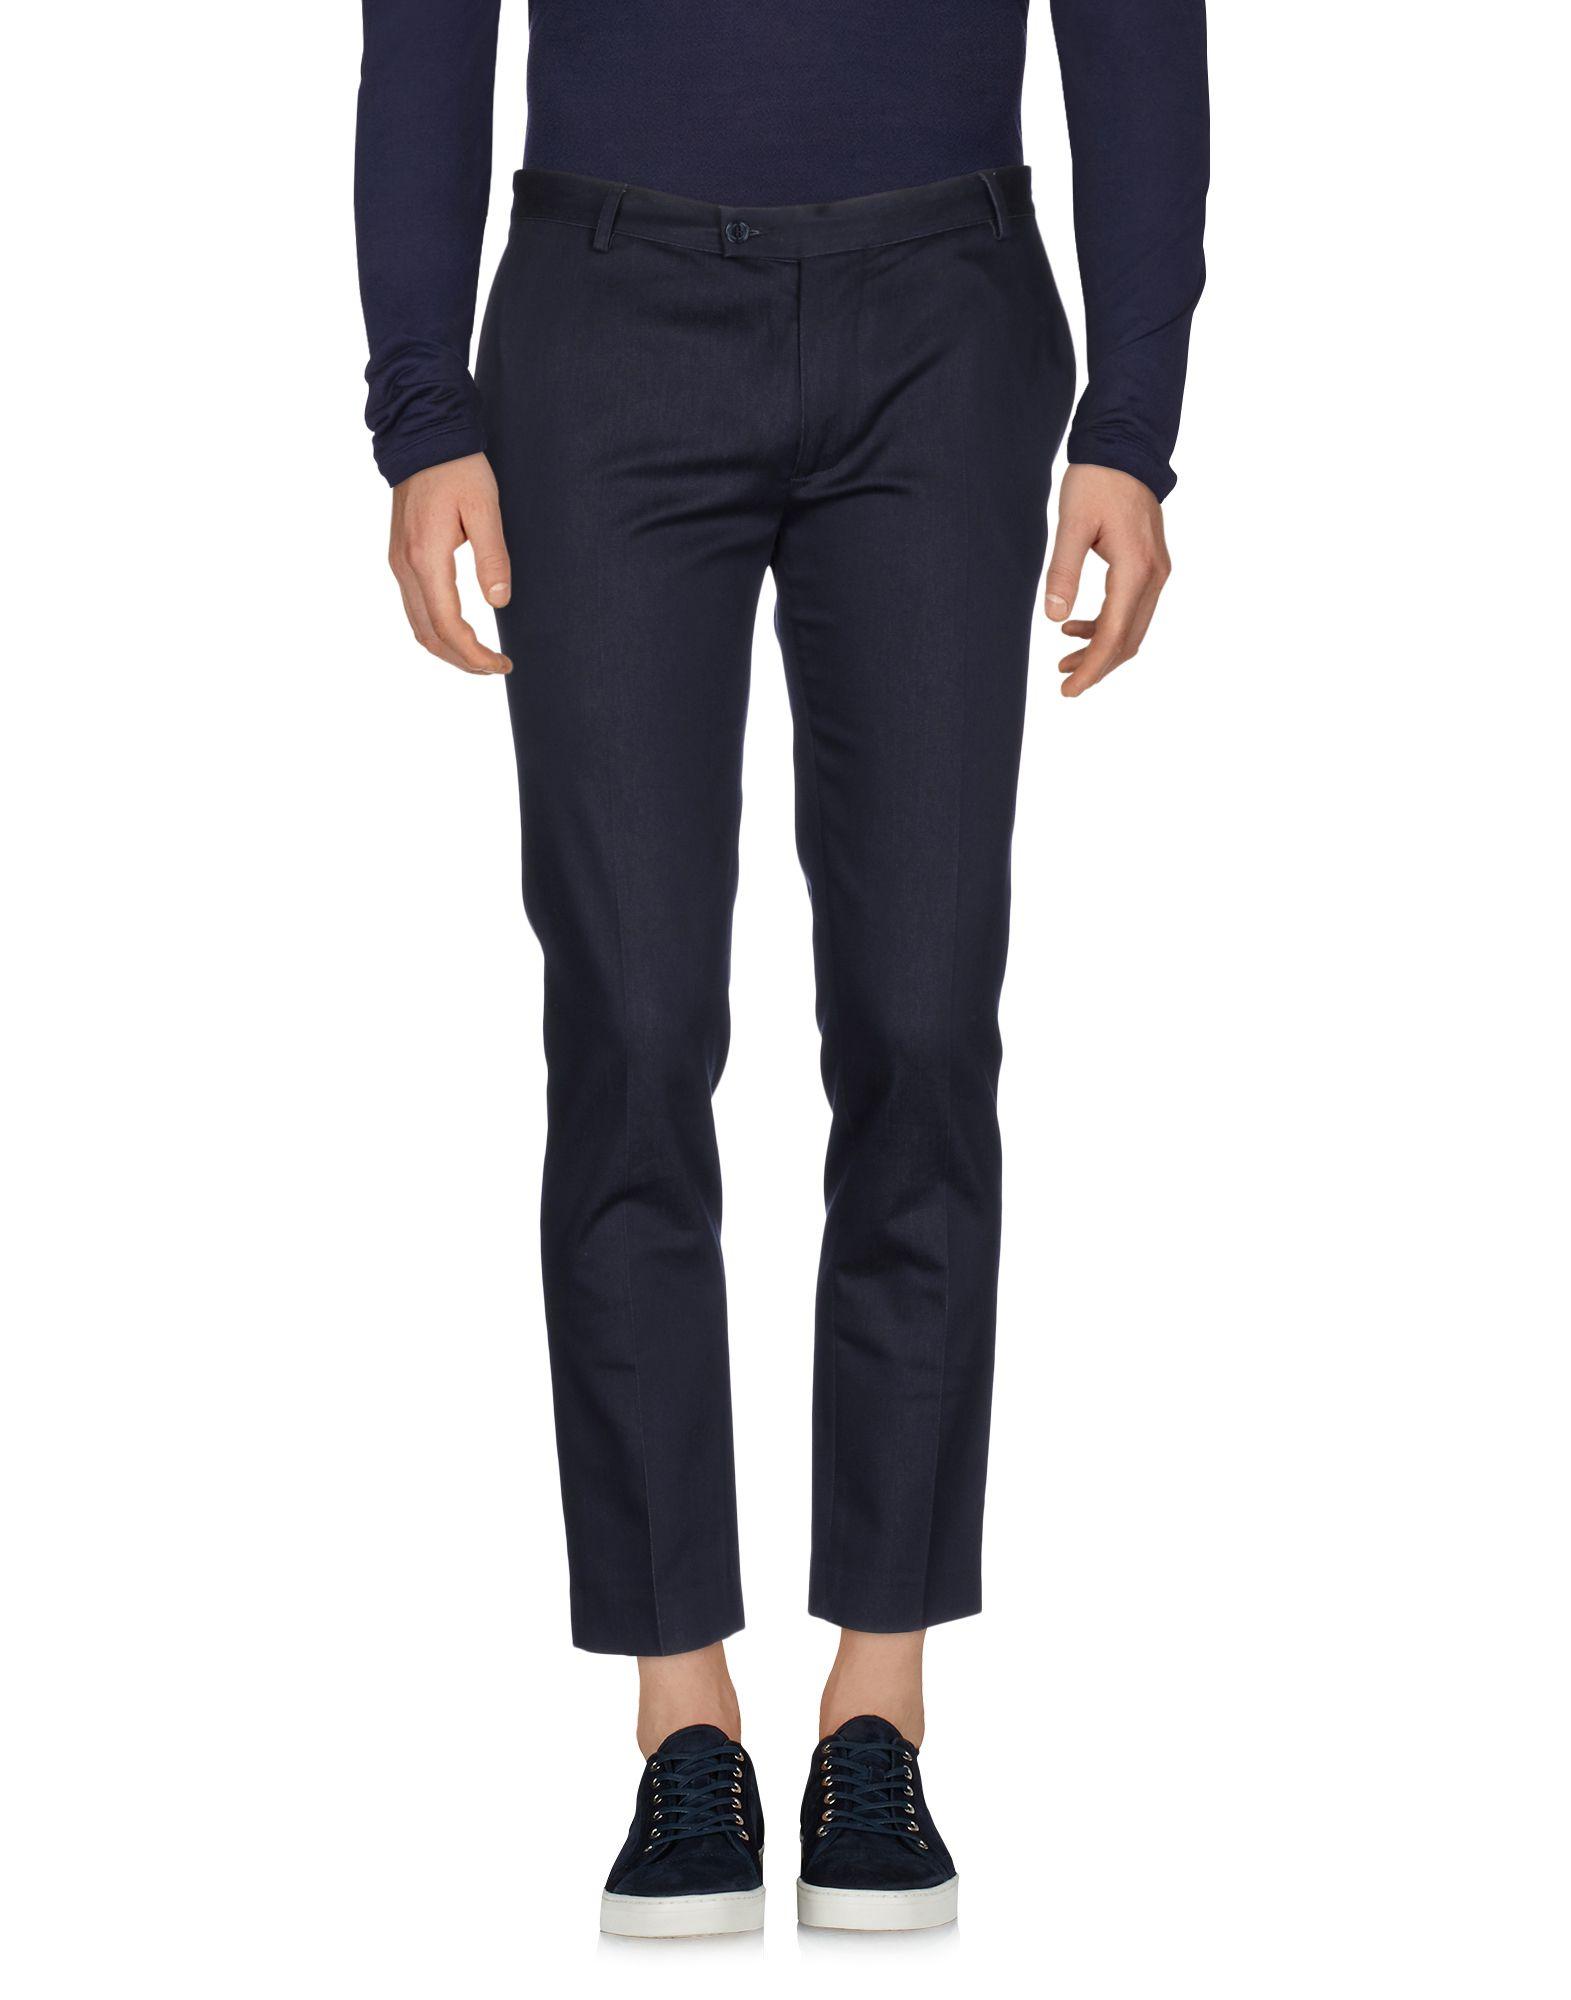 Pantaloni Pantaloni Pantaloni Jeans Daniele Alessandrini Uomo - 13017344BV ef136f